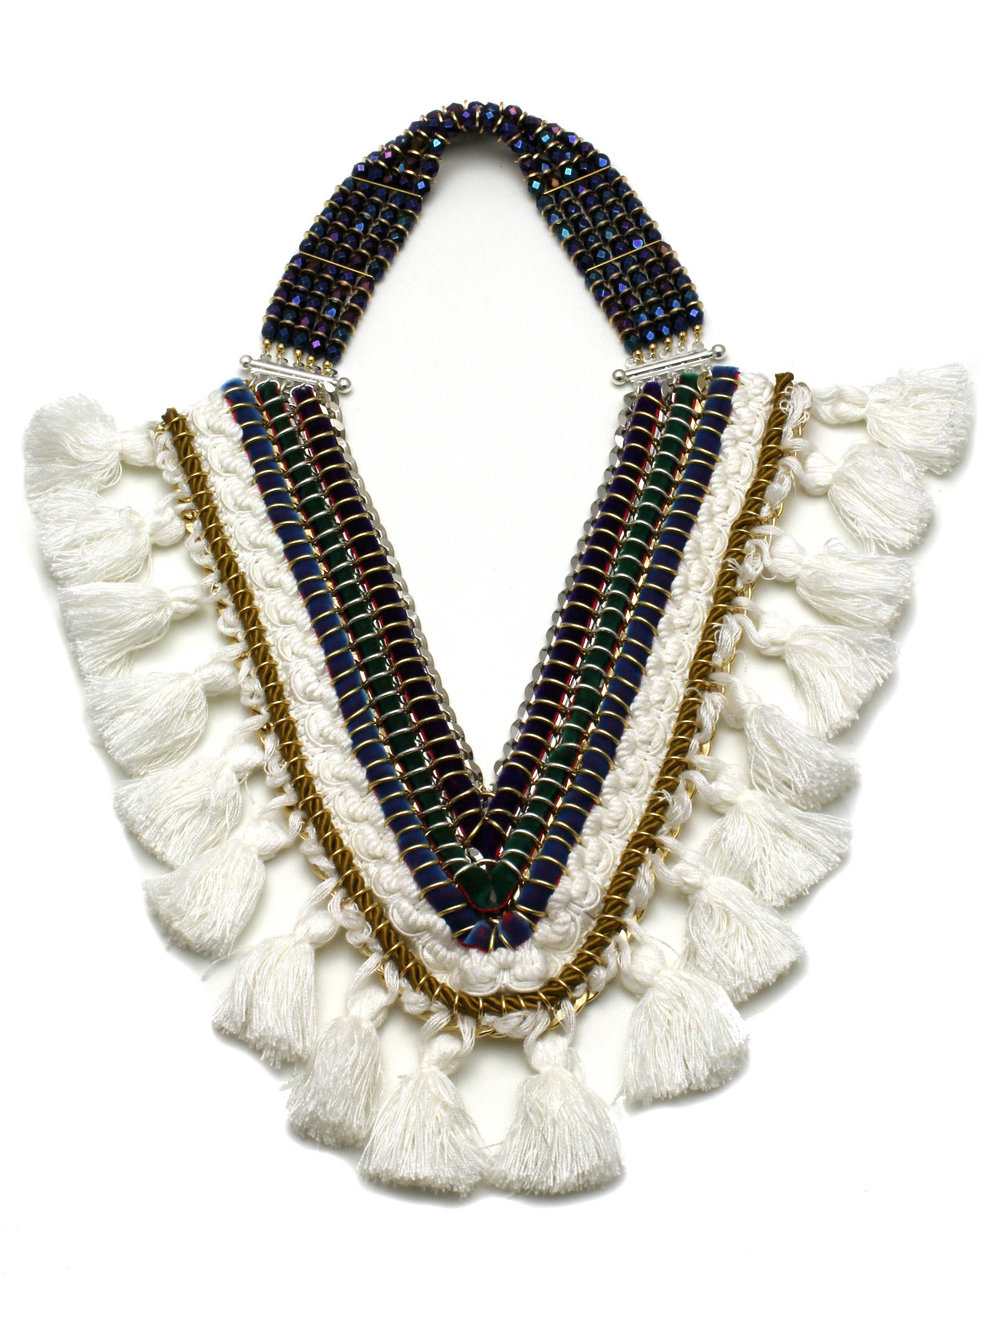 045 - Ribbon Tassel Necklace.jpg